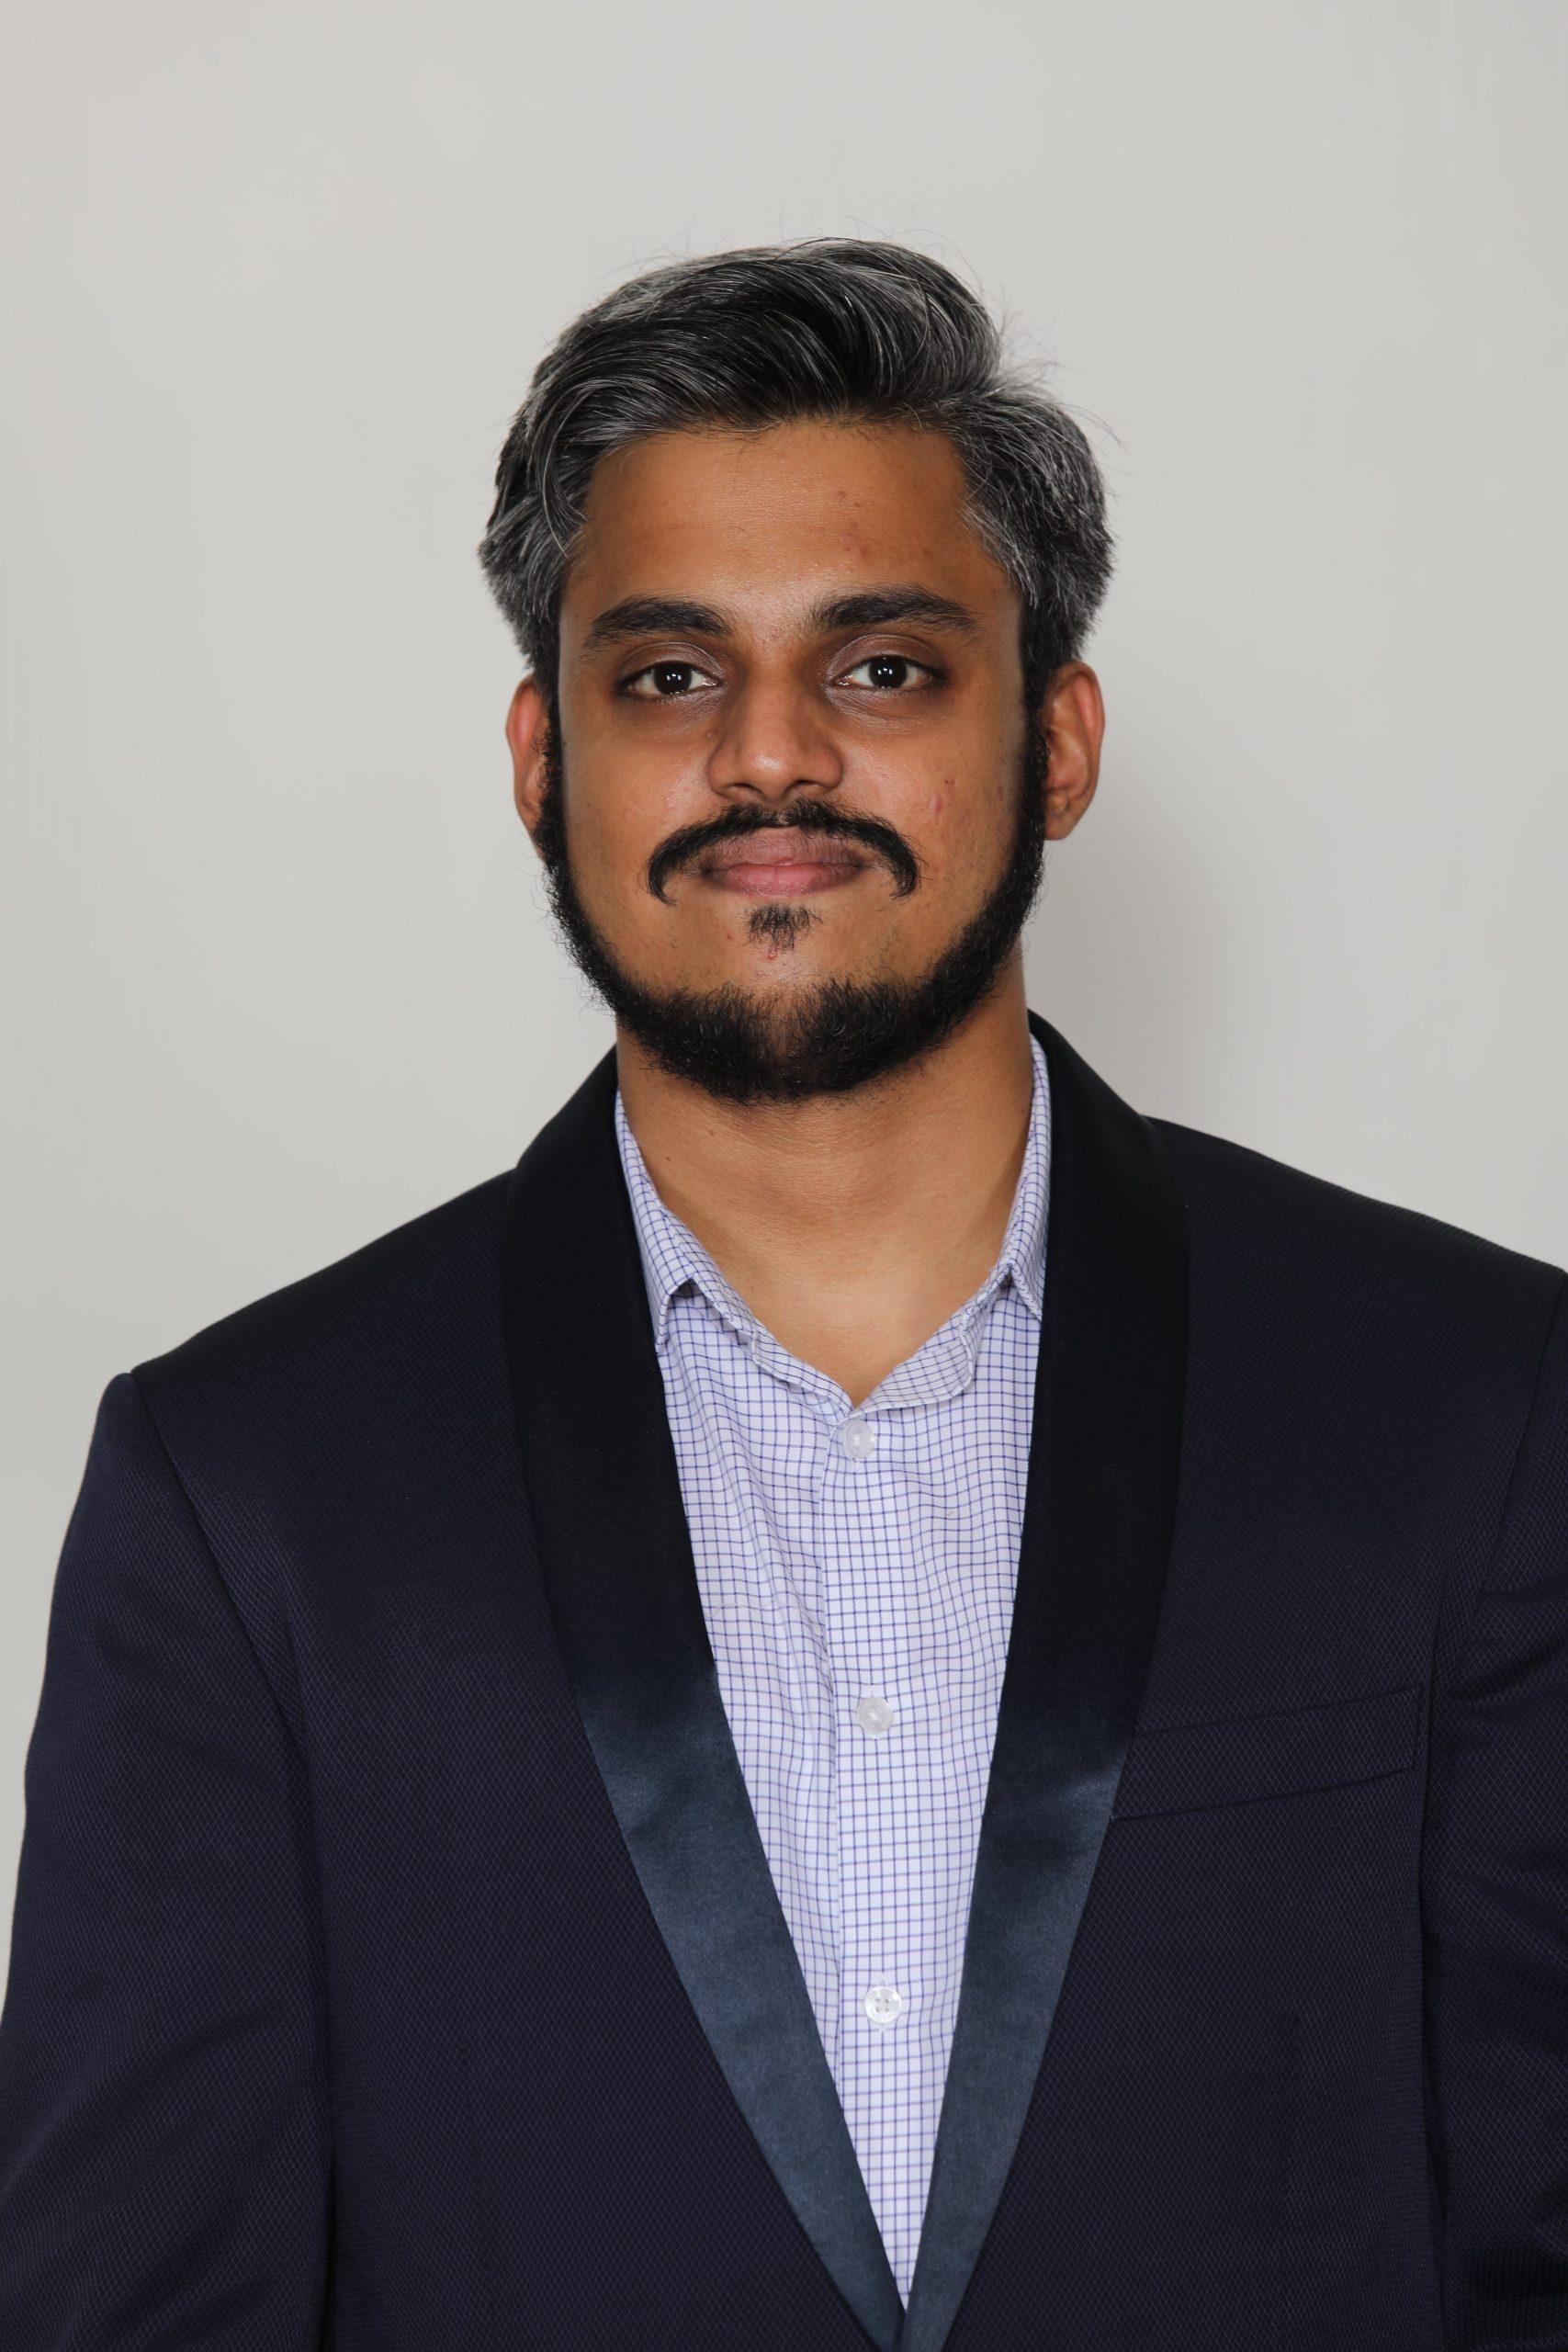 Anubhav Shetty